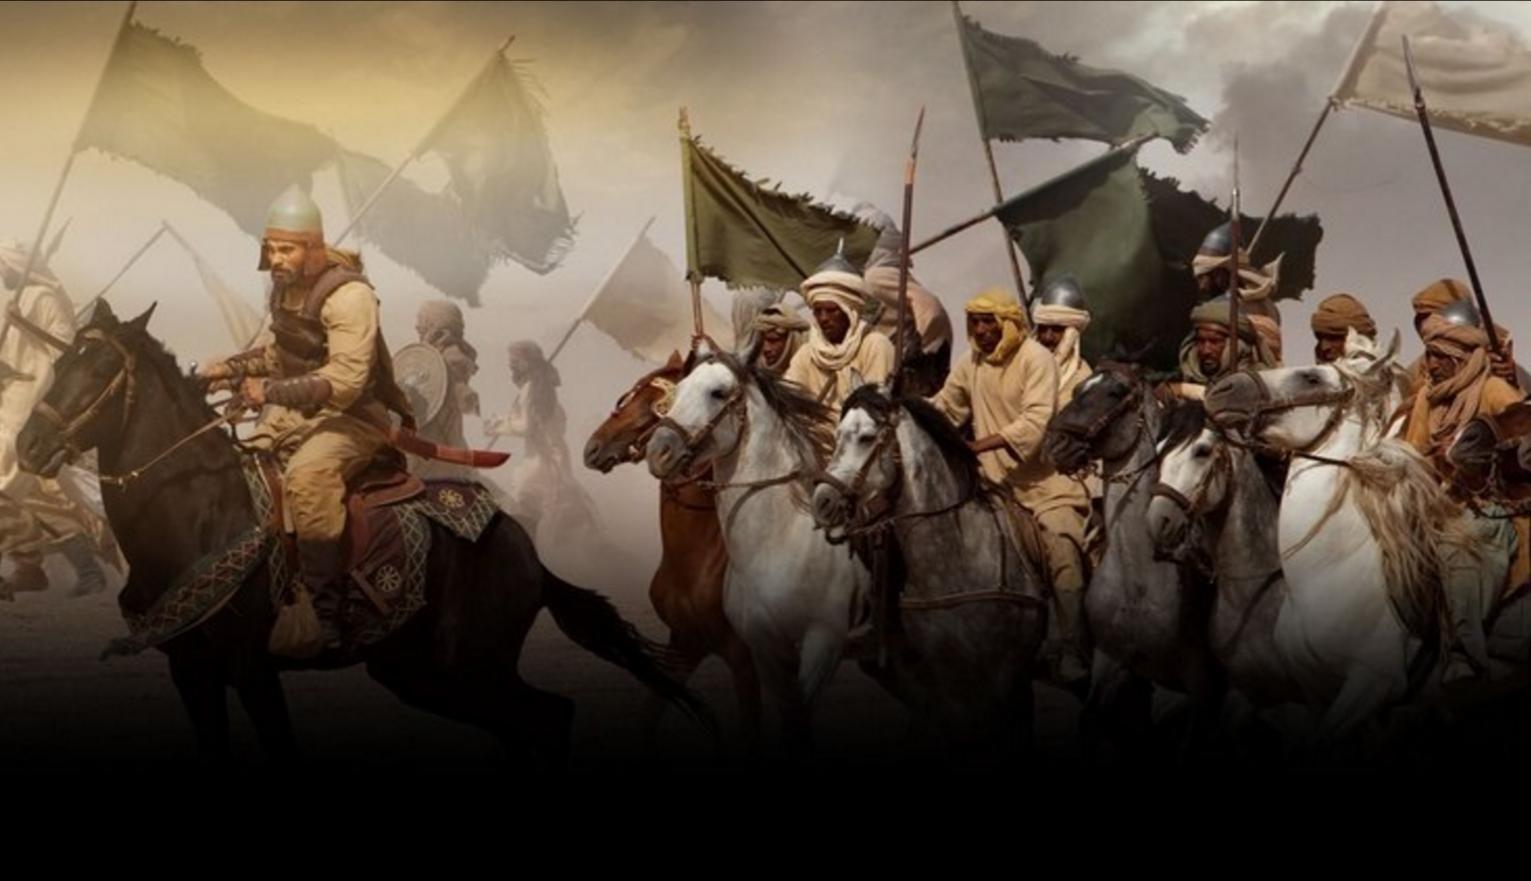 Nu'man bin Muqarrin, Pemimpin Bani Muzaynah yang membawa 400 Penunggang Kuda untuk Masuk Islam - Surau.co